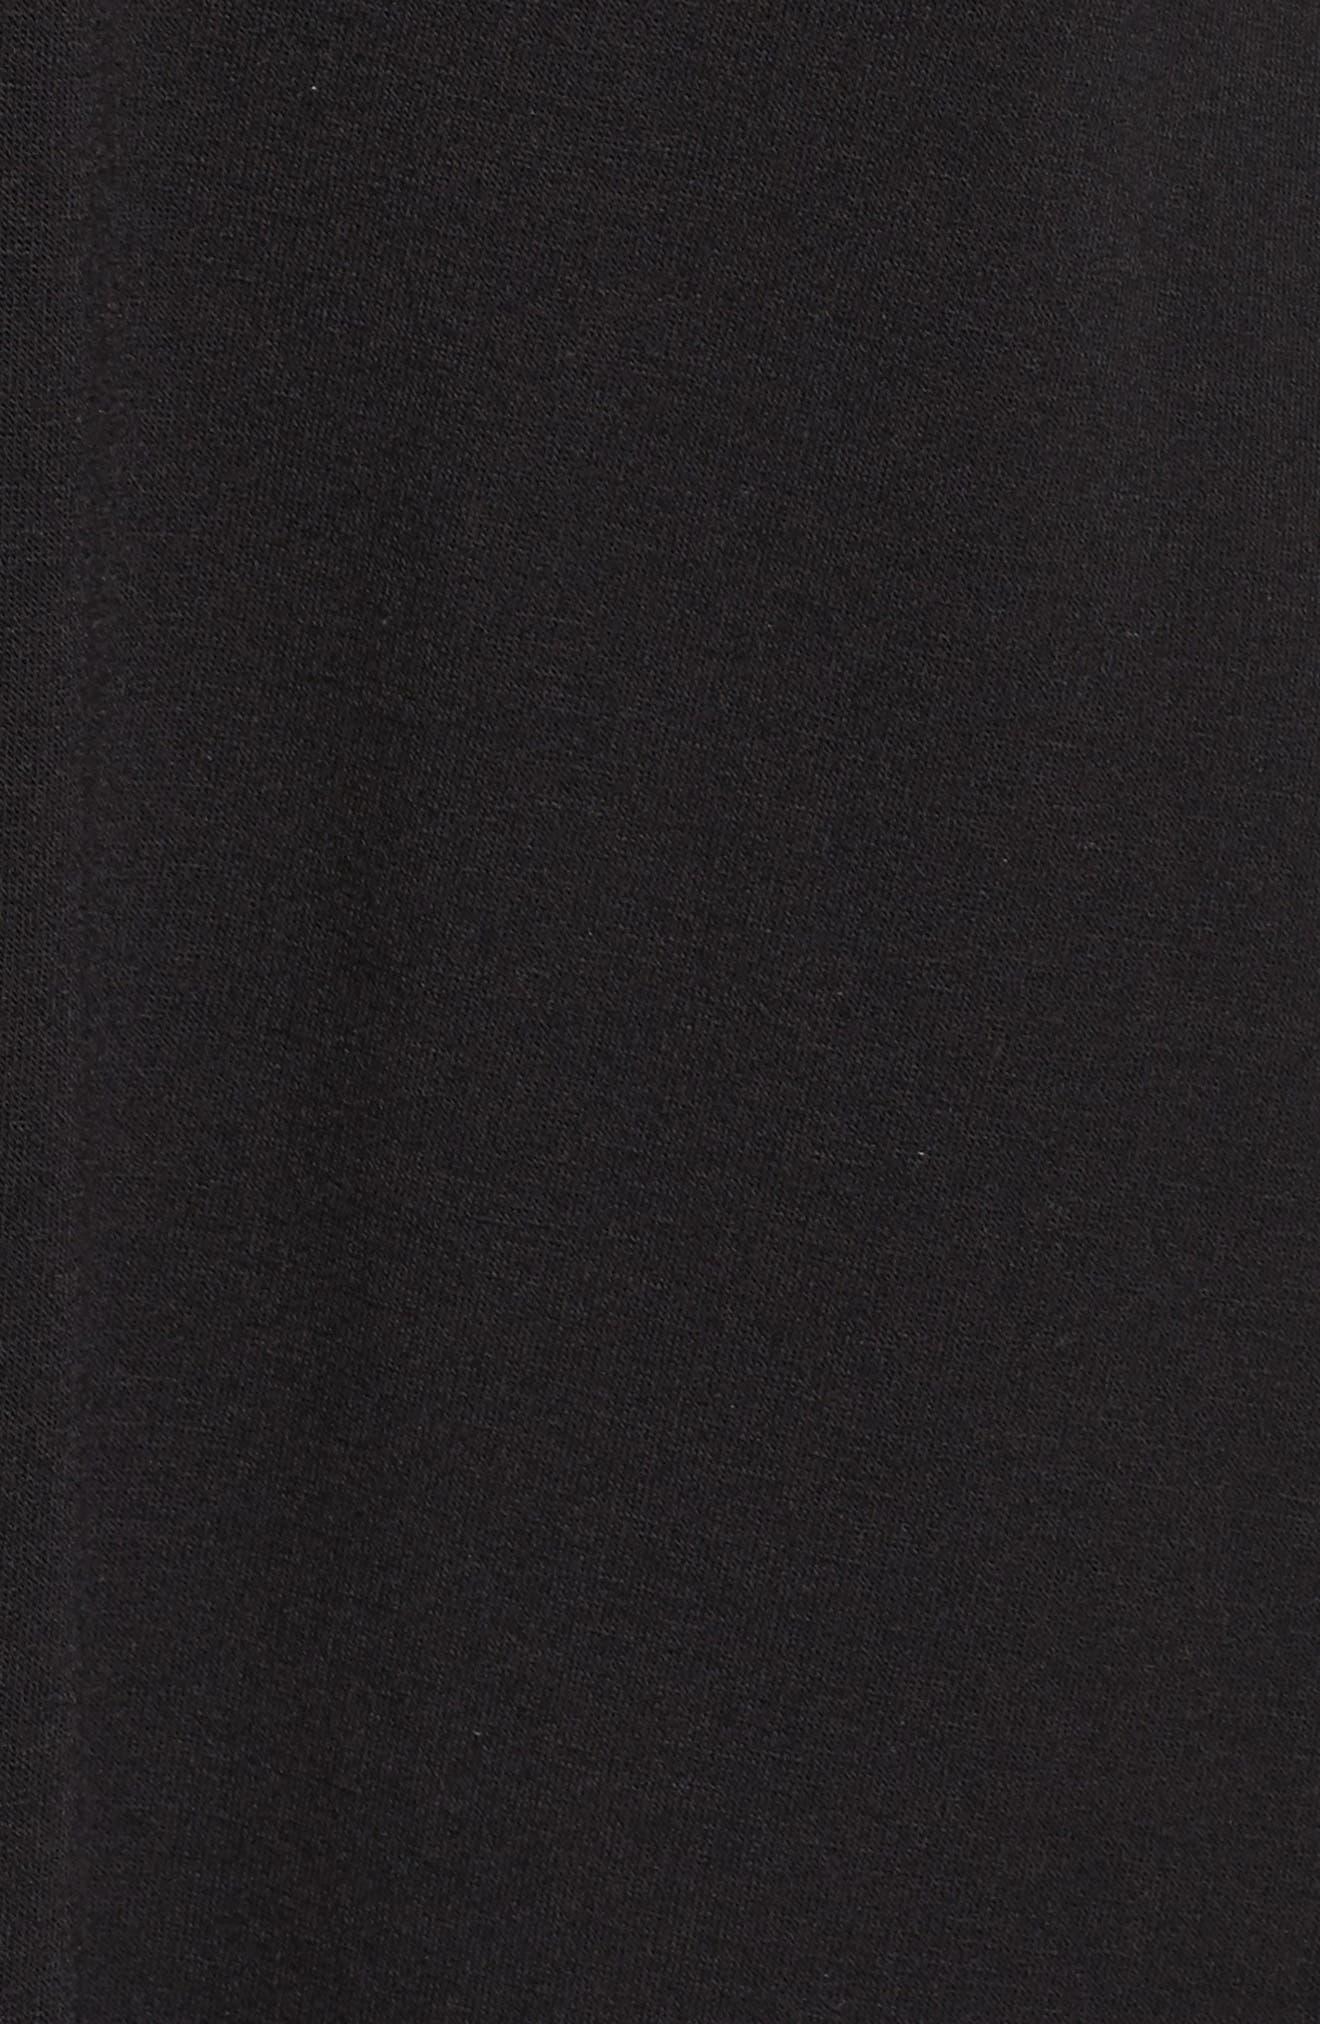 Slit Duster,                             Alternate thumbnail 6, color,                             BLACK